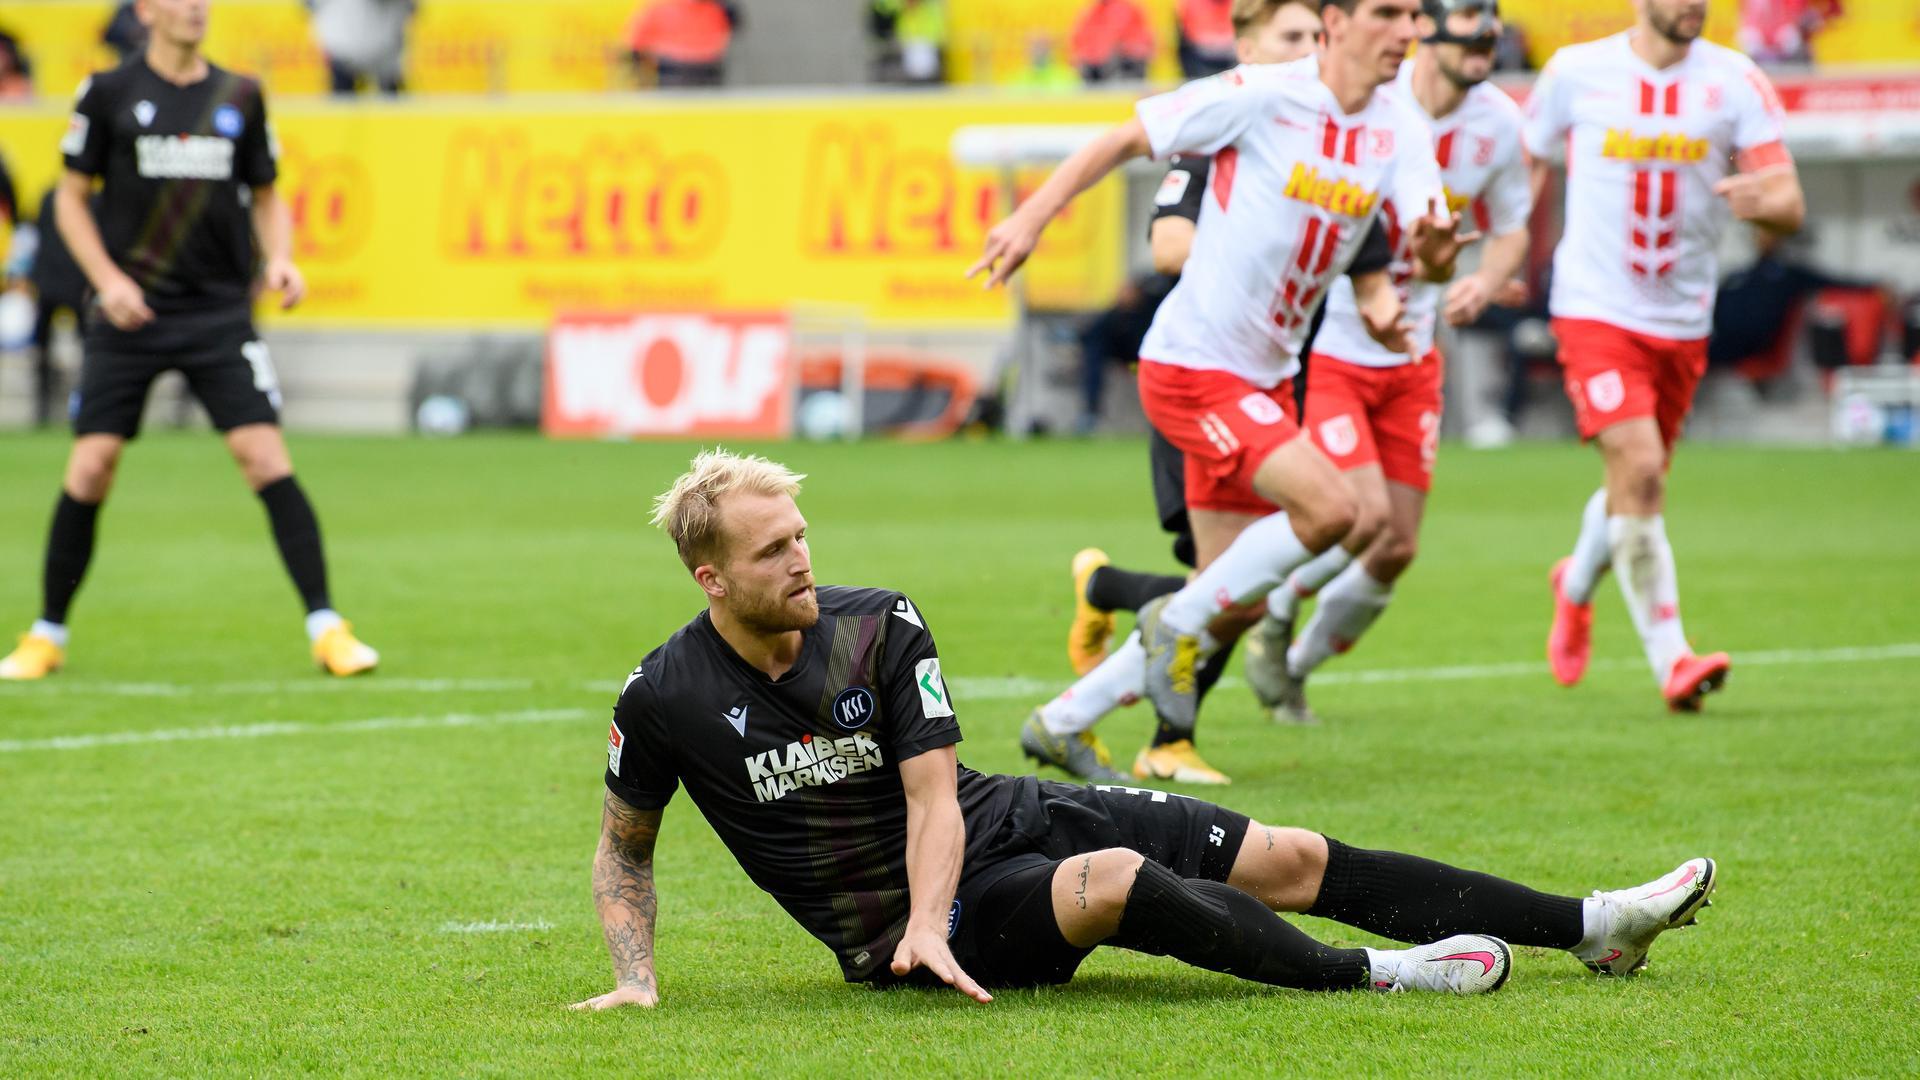 Auch Philipp Hofmann konnte die Torflaute des KSC nicht beenden, der in Regensburg die dritte Liga-Pleite hinnehmen musste.